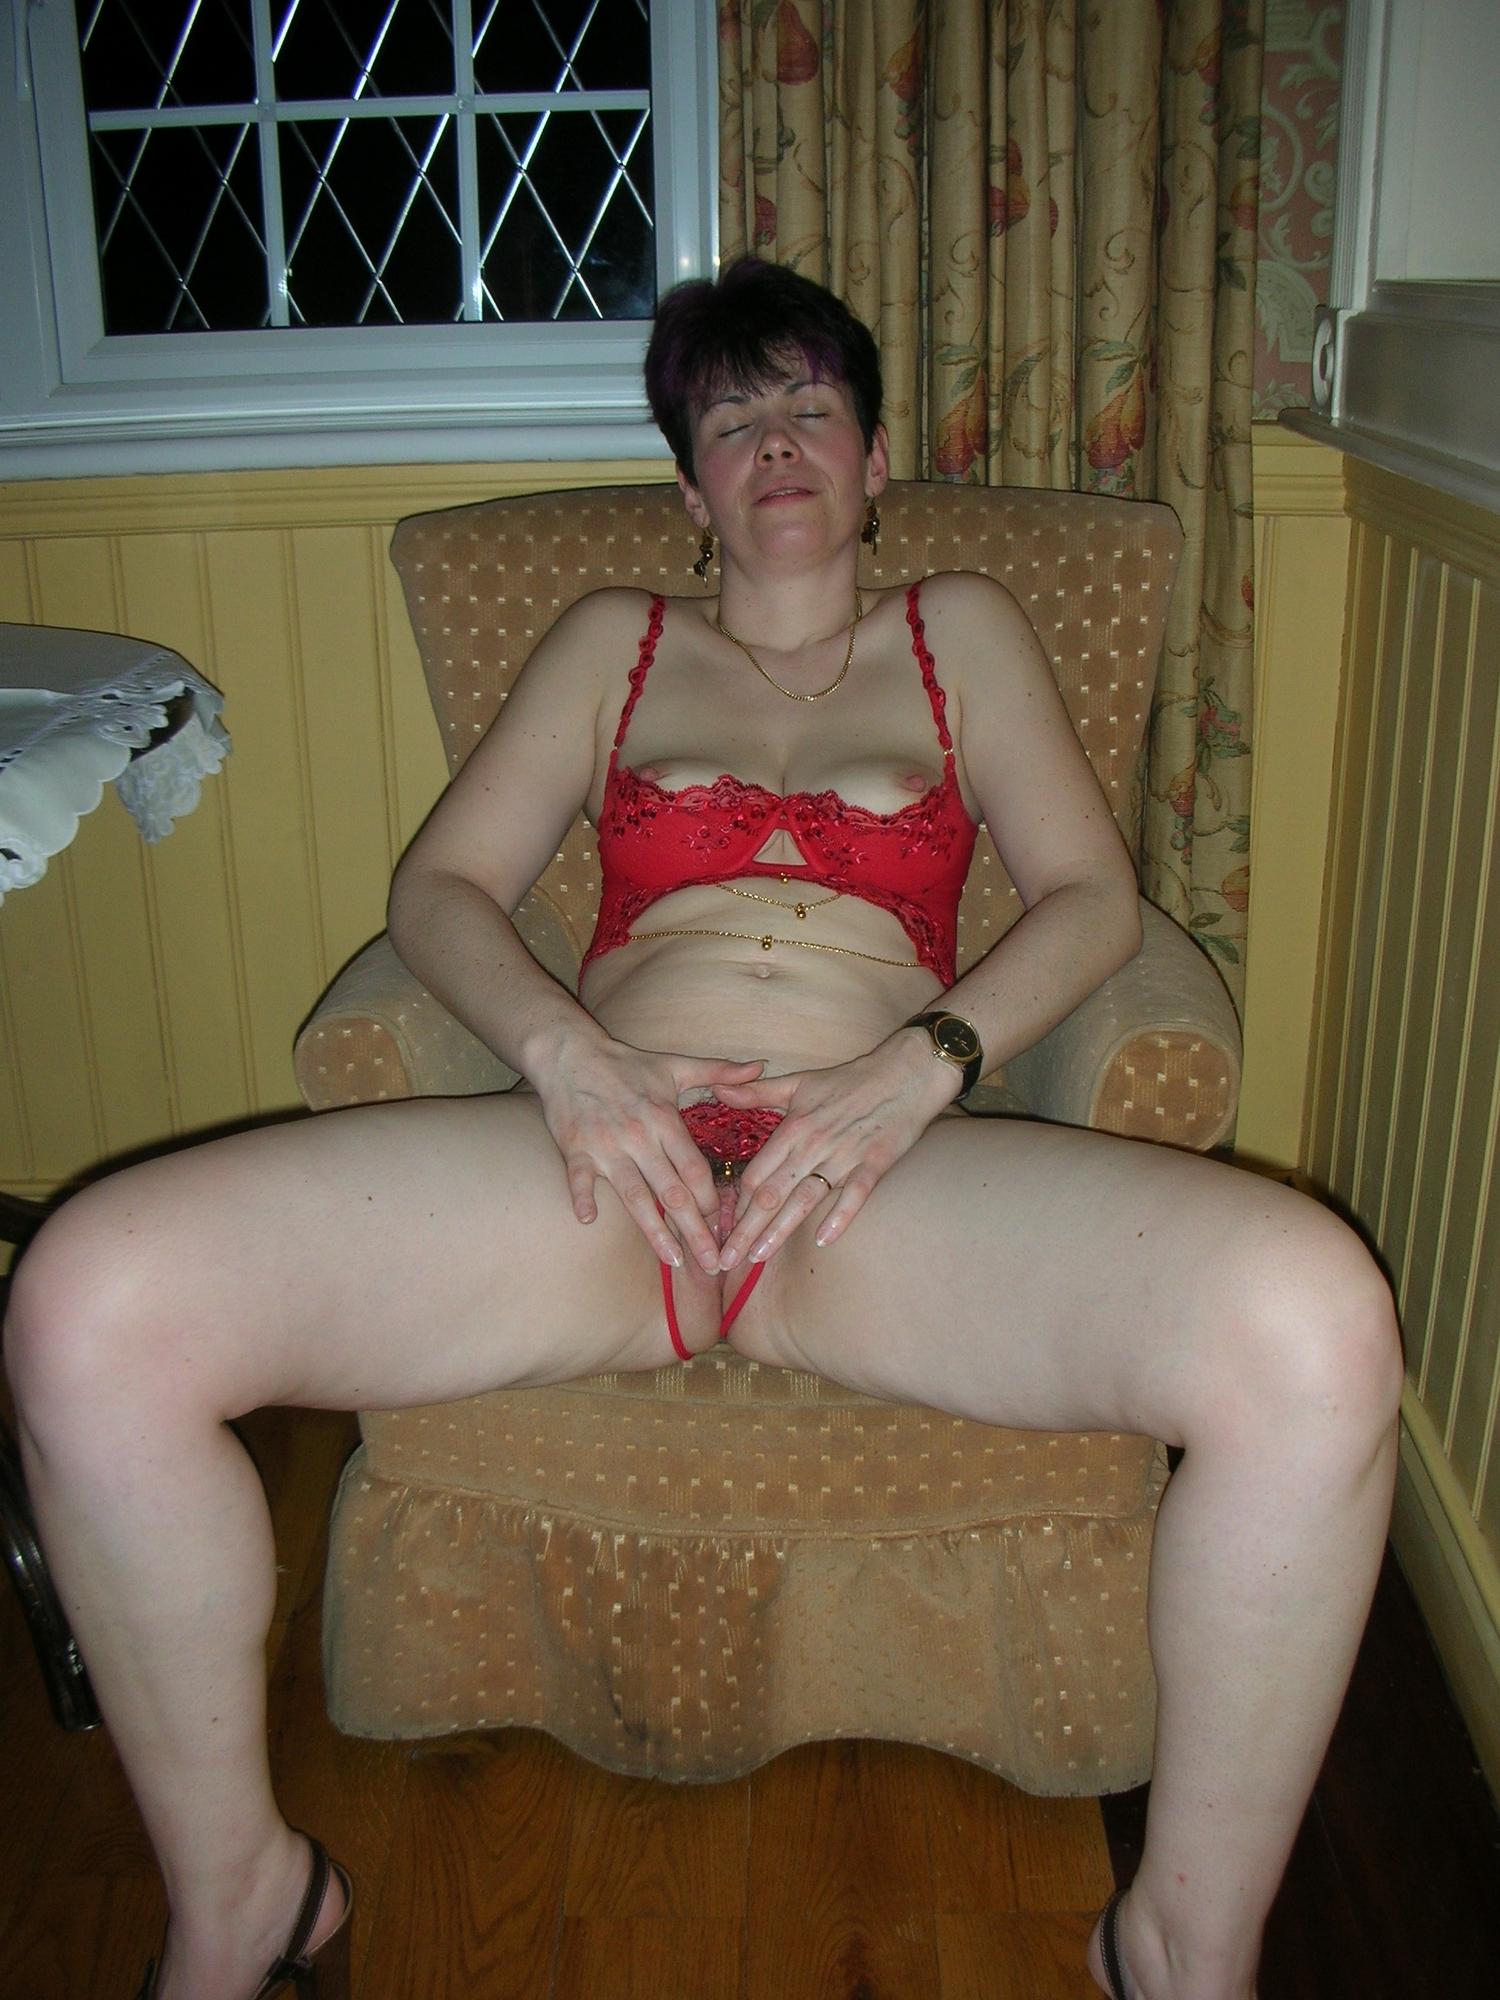 Коротко чистенькая мамаша лижет фаллос супруга в свободное время секс фото